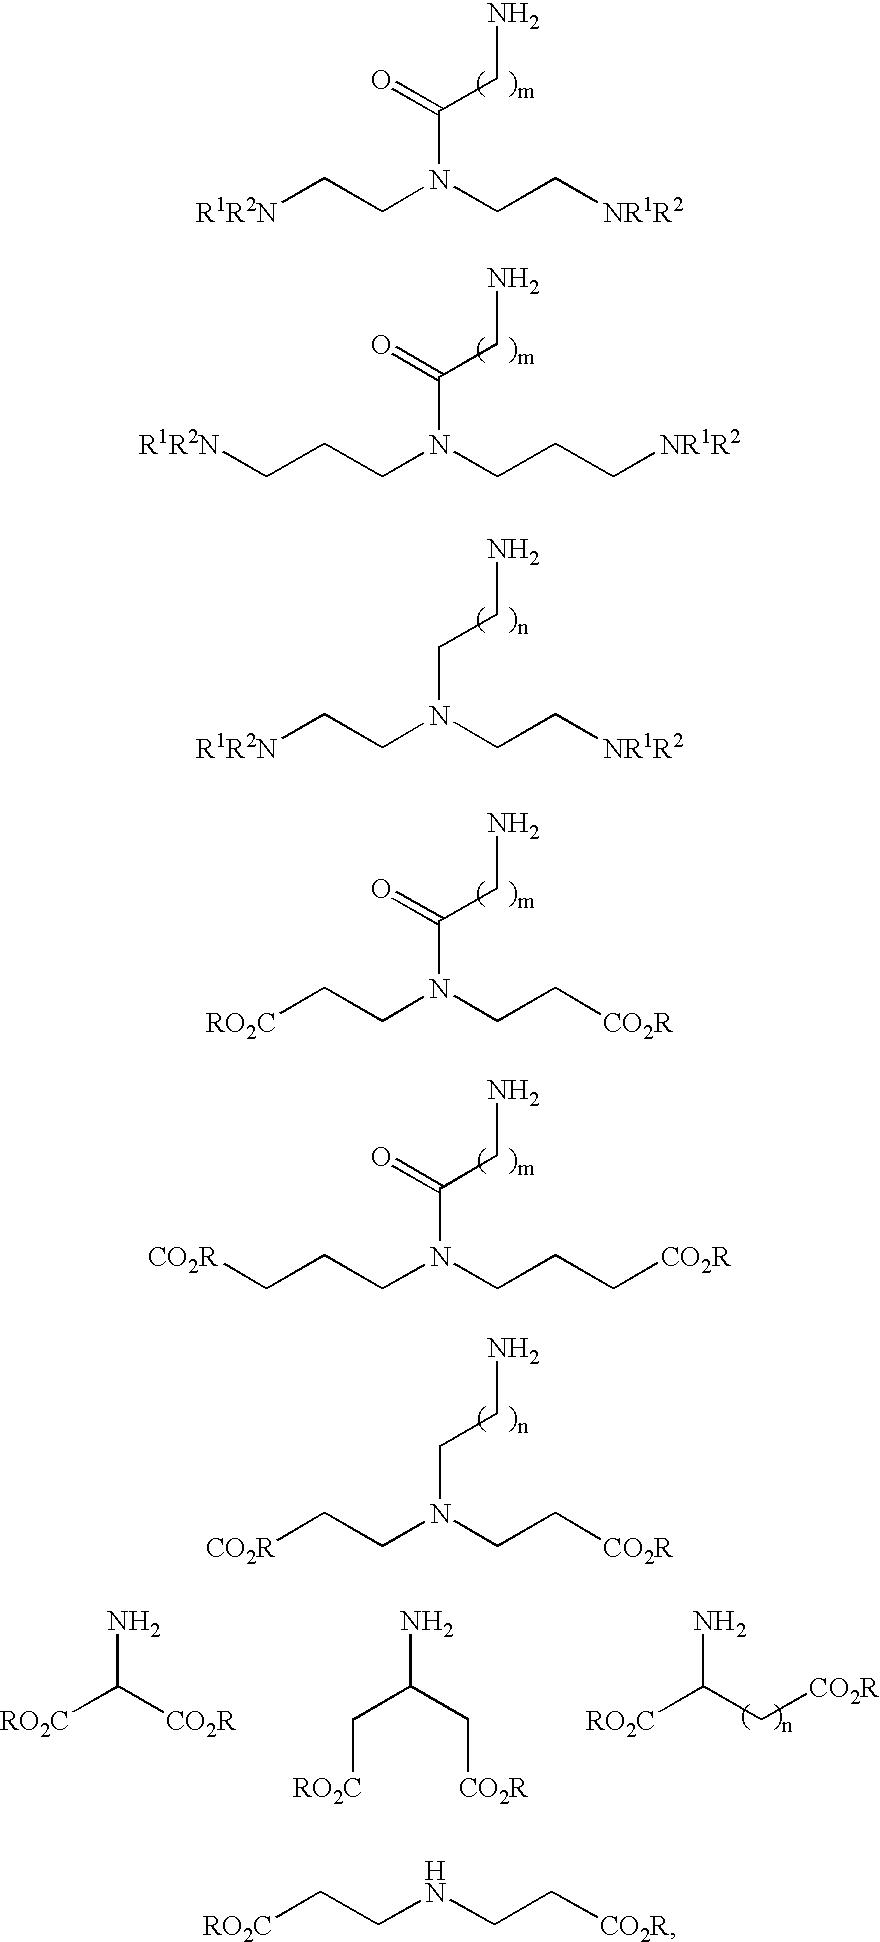 Figure US20030180222A1-20030925-C00049